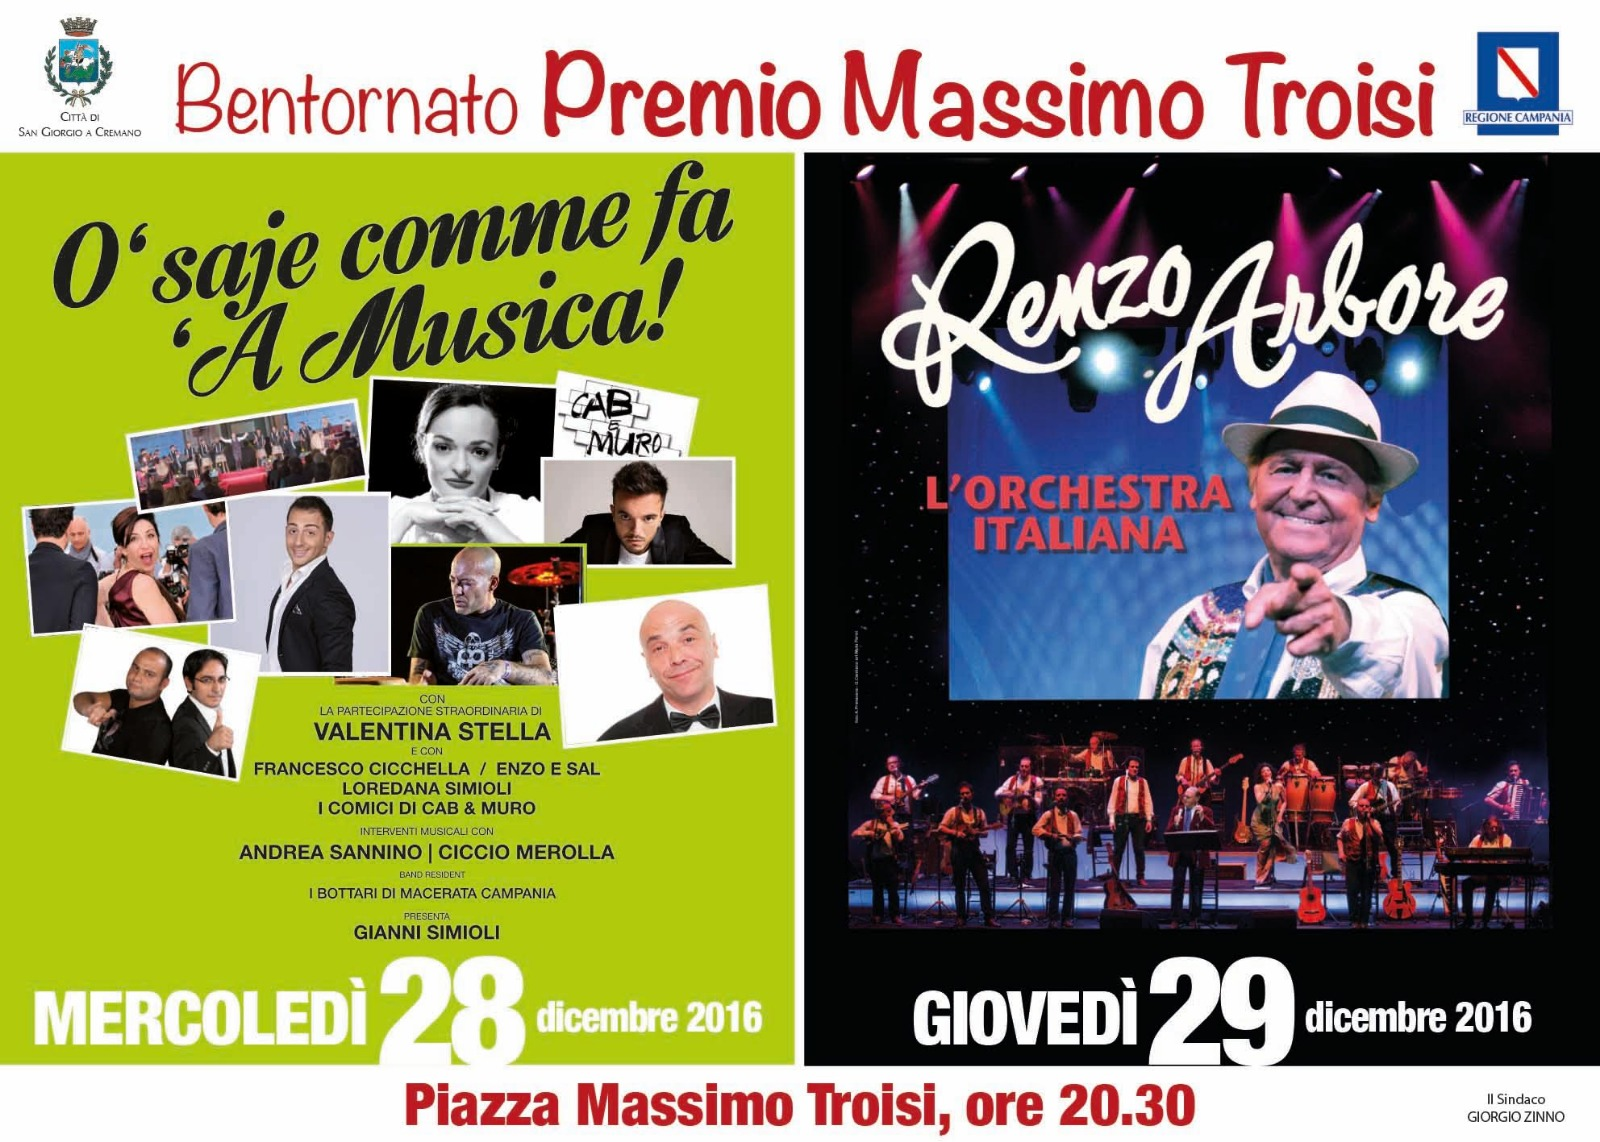 Renzo Arbore ricorda Massimo. Tanti artisti in piazza il 28 e 29 dicembre per l'anteprima del Premio...